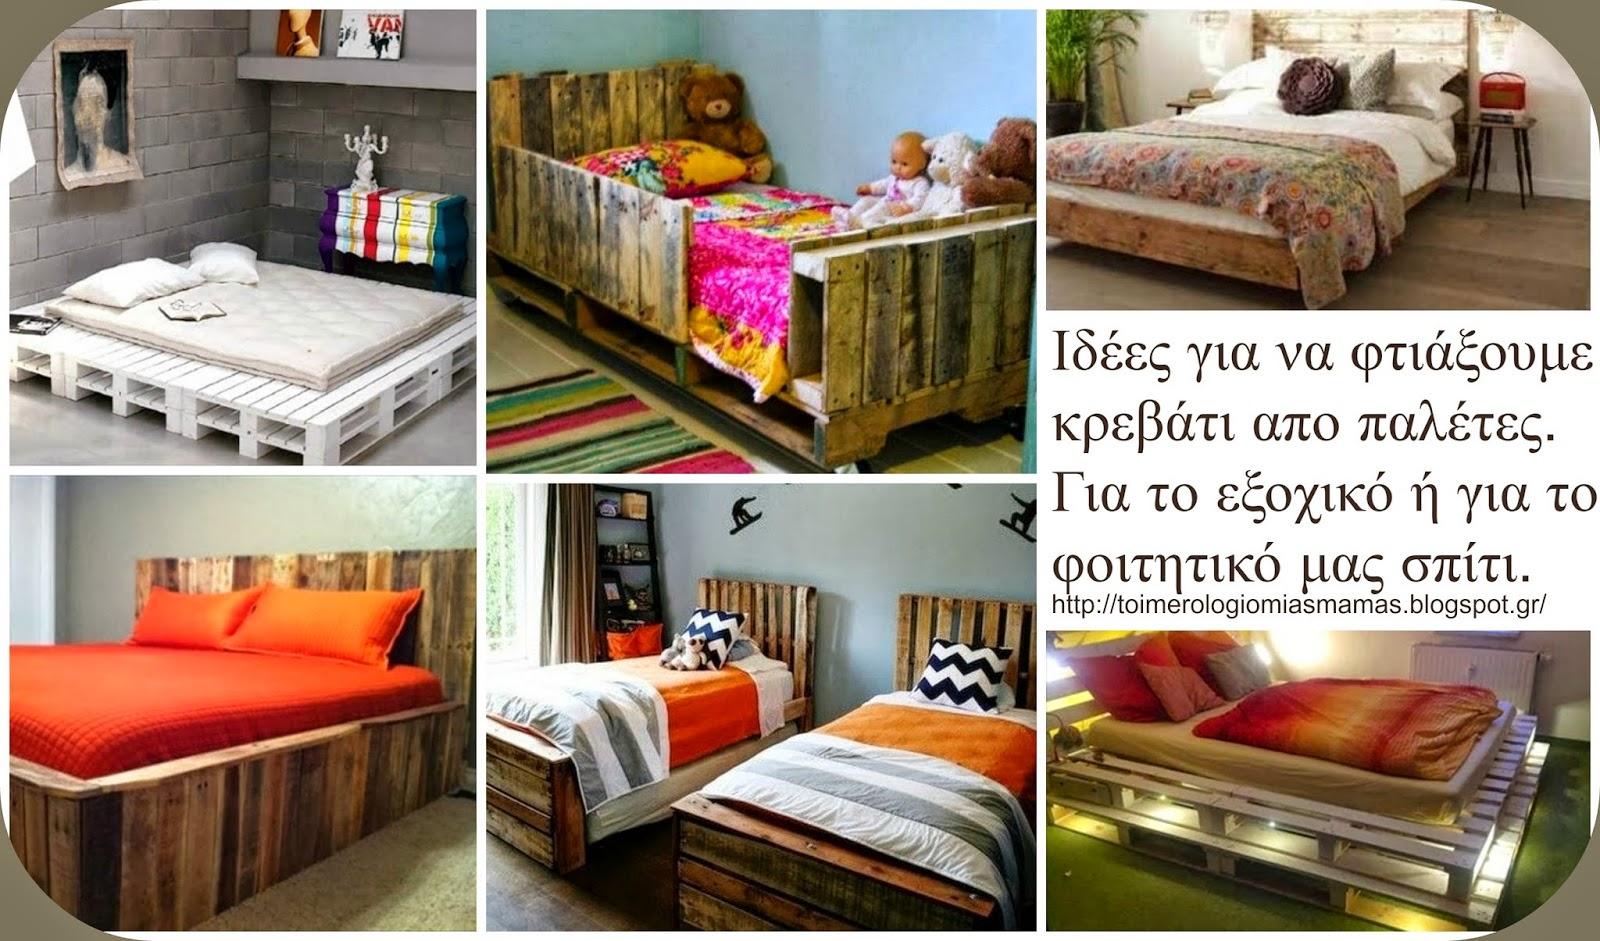 884ccc6c43d2 Ιδέες για να φτιάξουμε κρεβάτι απο παλέτες. Για το εξοχικό ή το φοιτητικό  μας σπίτι και όχι μόνο